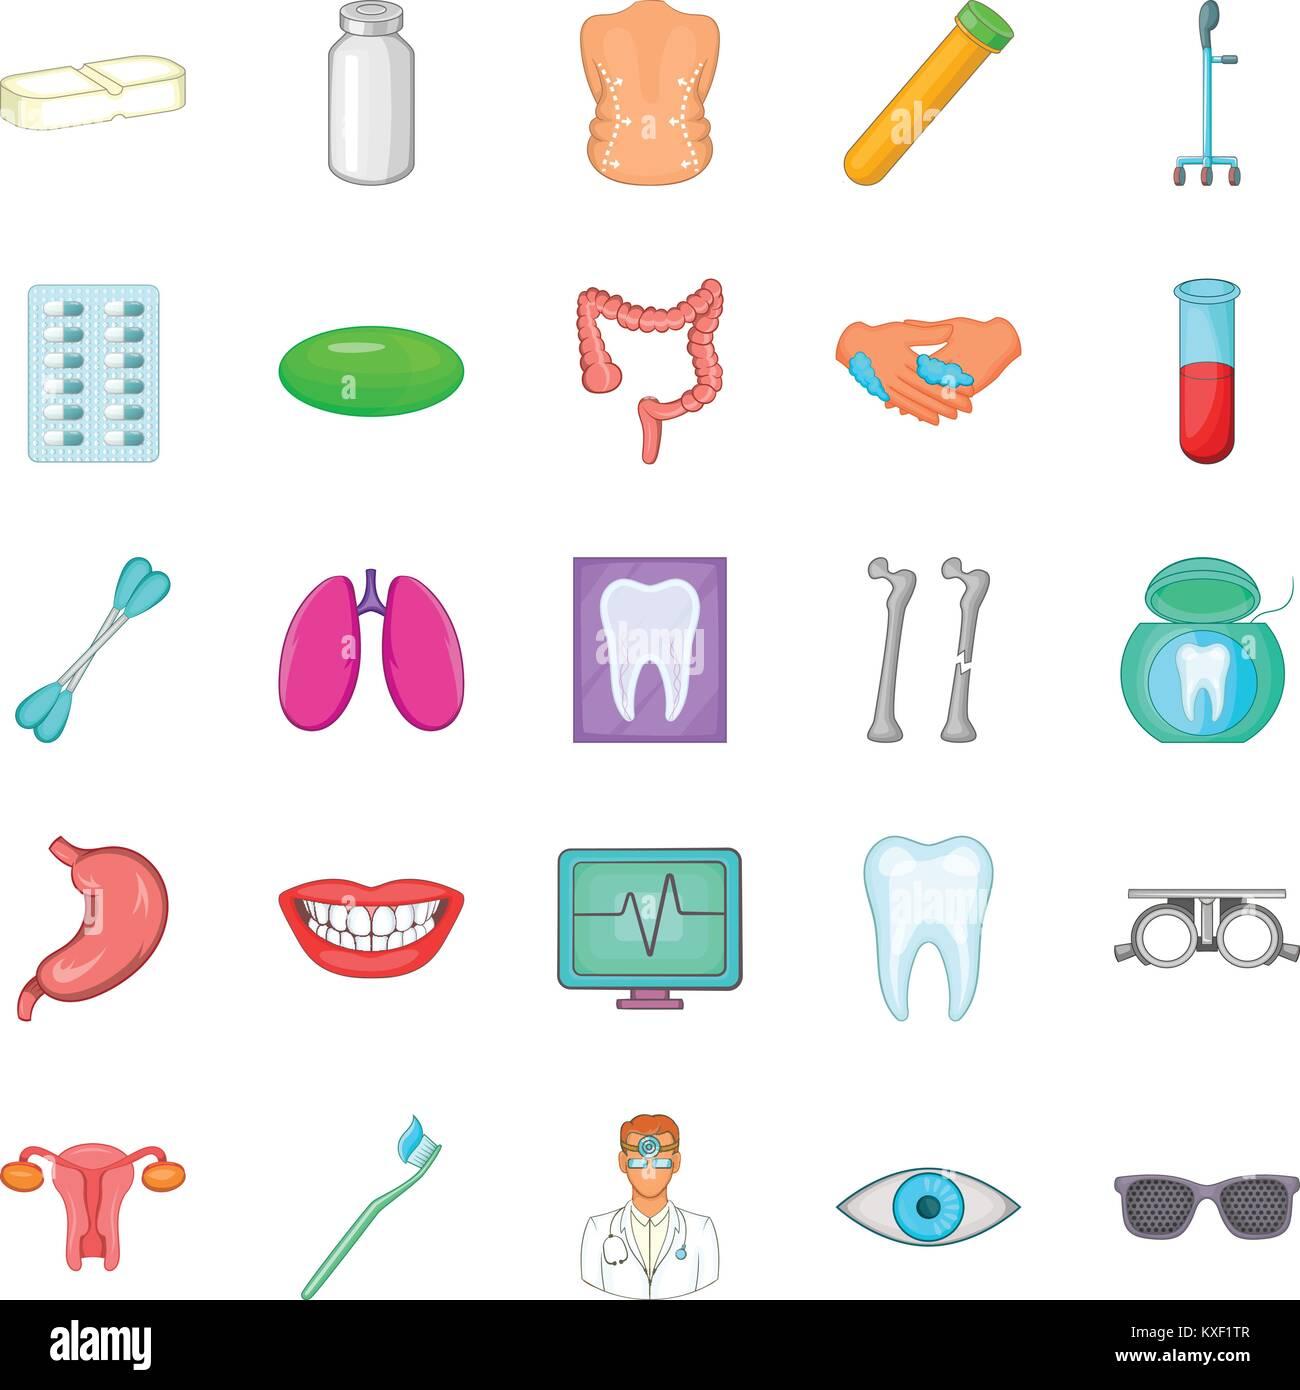 Malady icons set, cartoon style - Stock Image